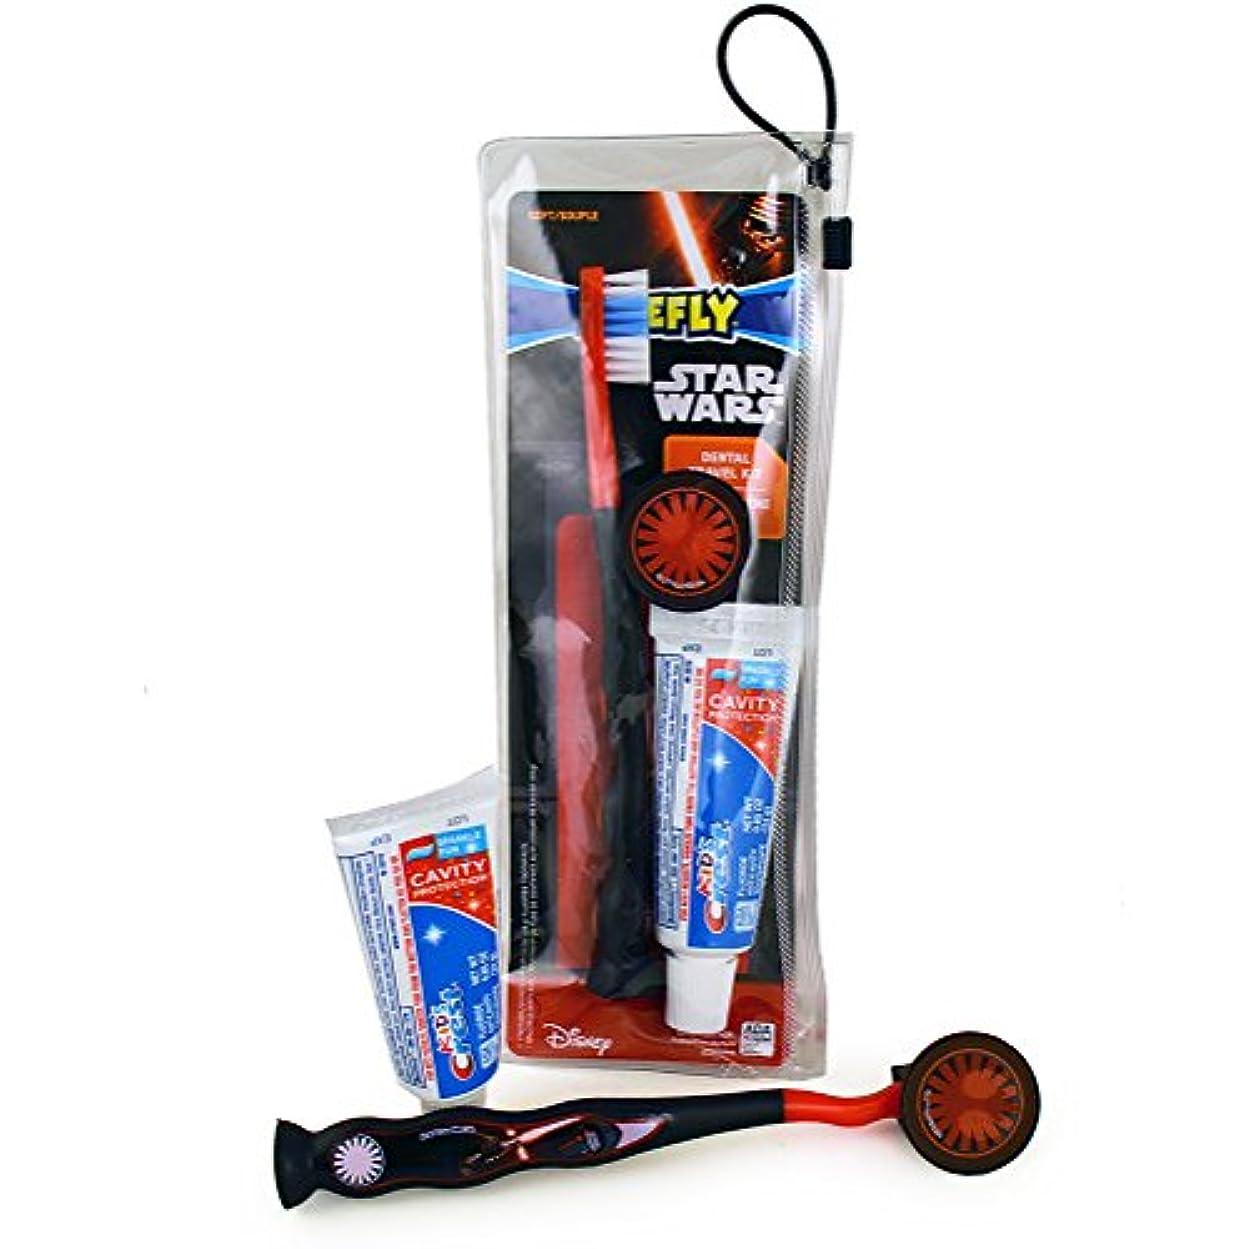 返還賢いサミットFirefly Star Wars Dental Travel Kit スターウォーズ デンタルトラベルキット(歯ブラシ、歯ブラシキャップ、子供用歯磨き粉24g)